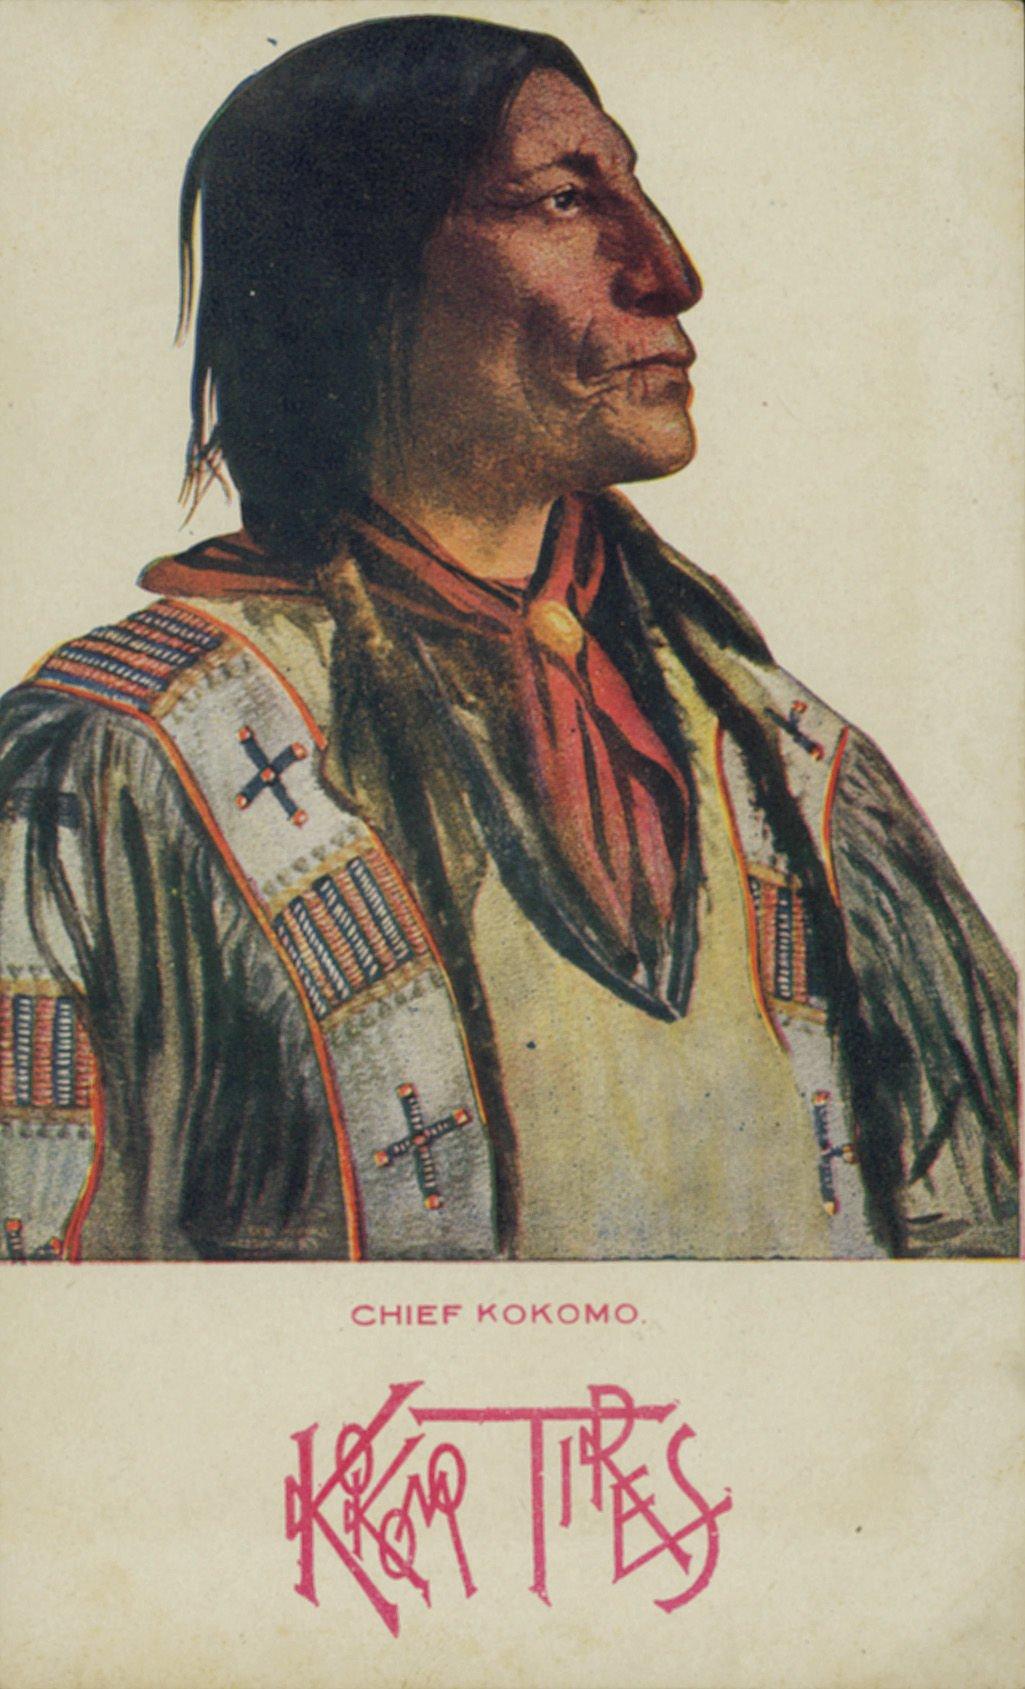 Chief Kokomo2.jpg